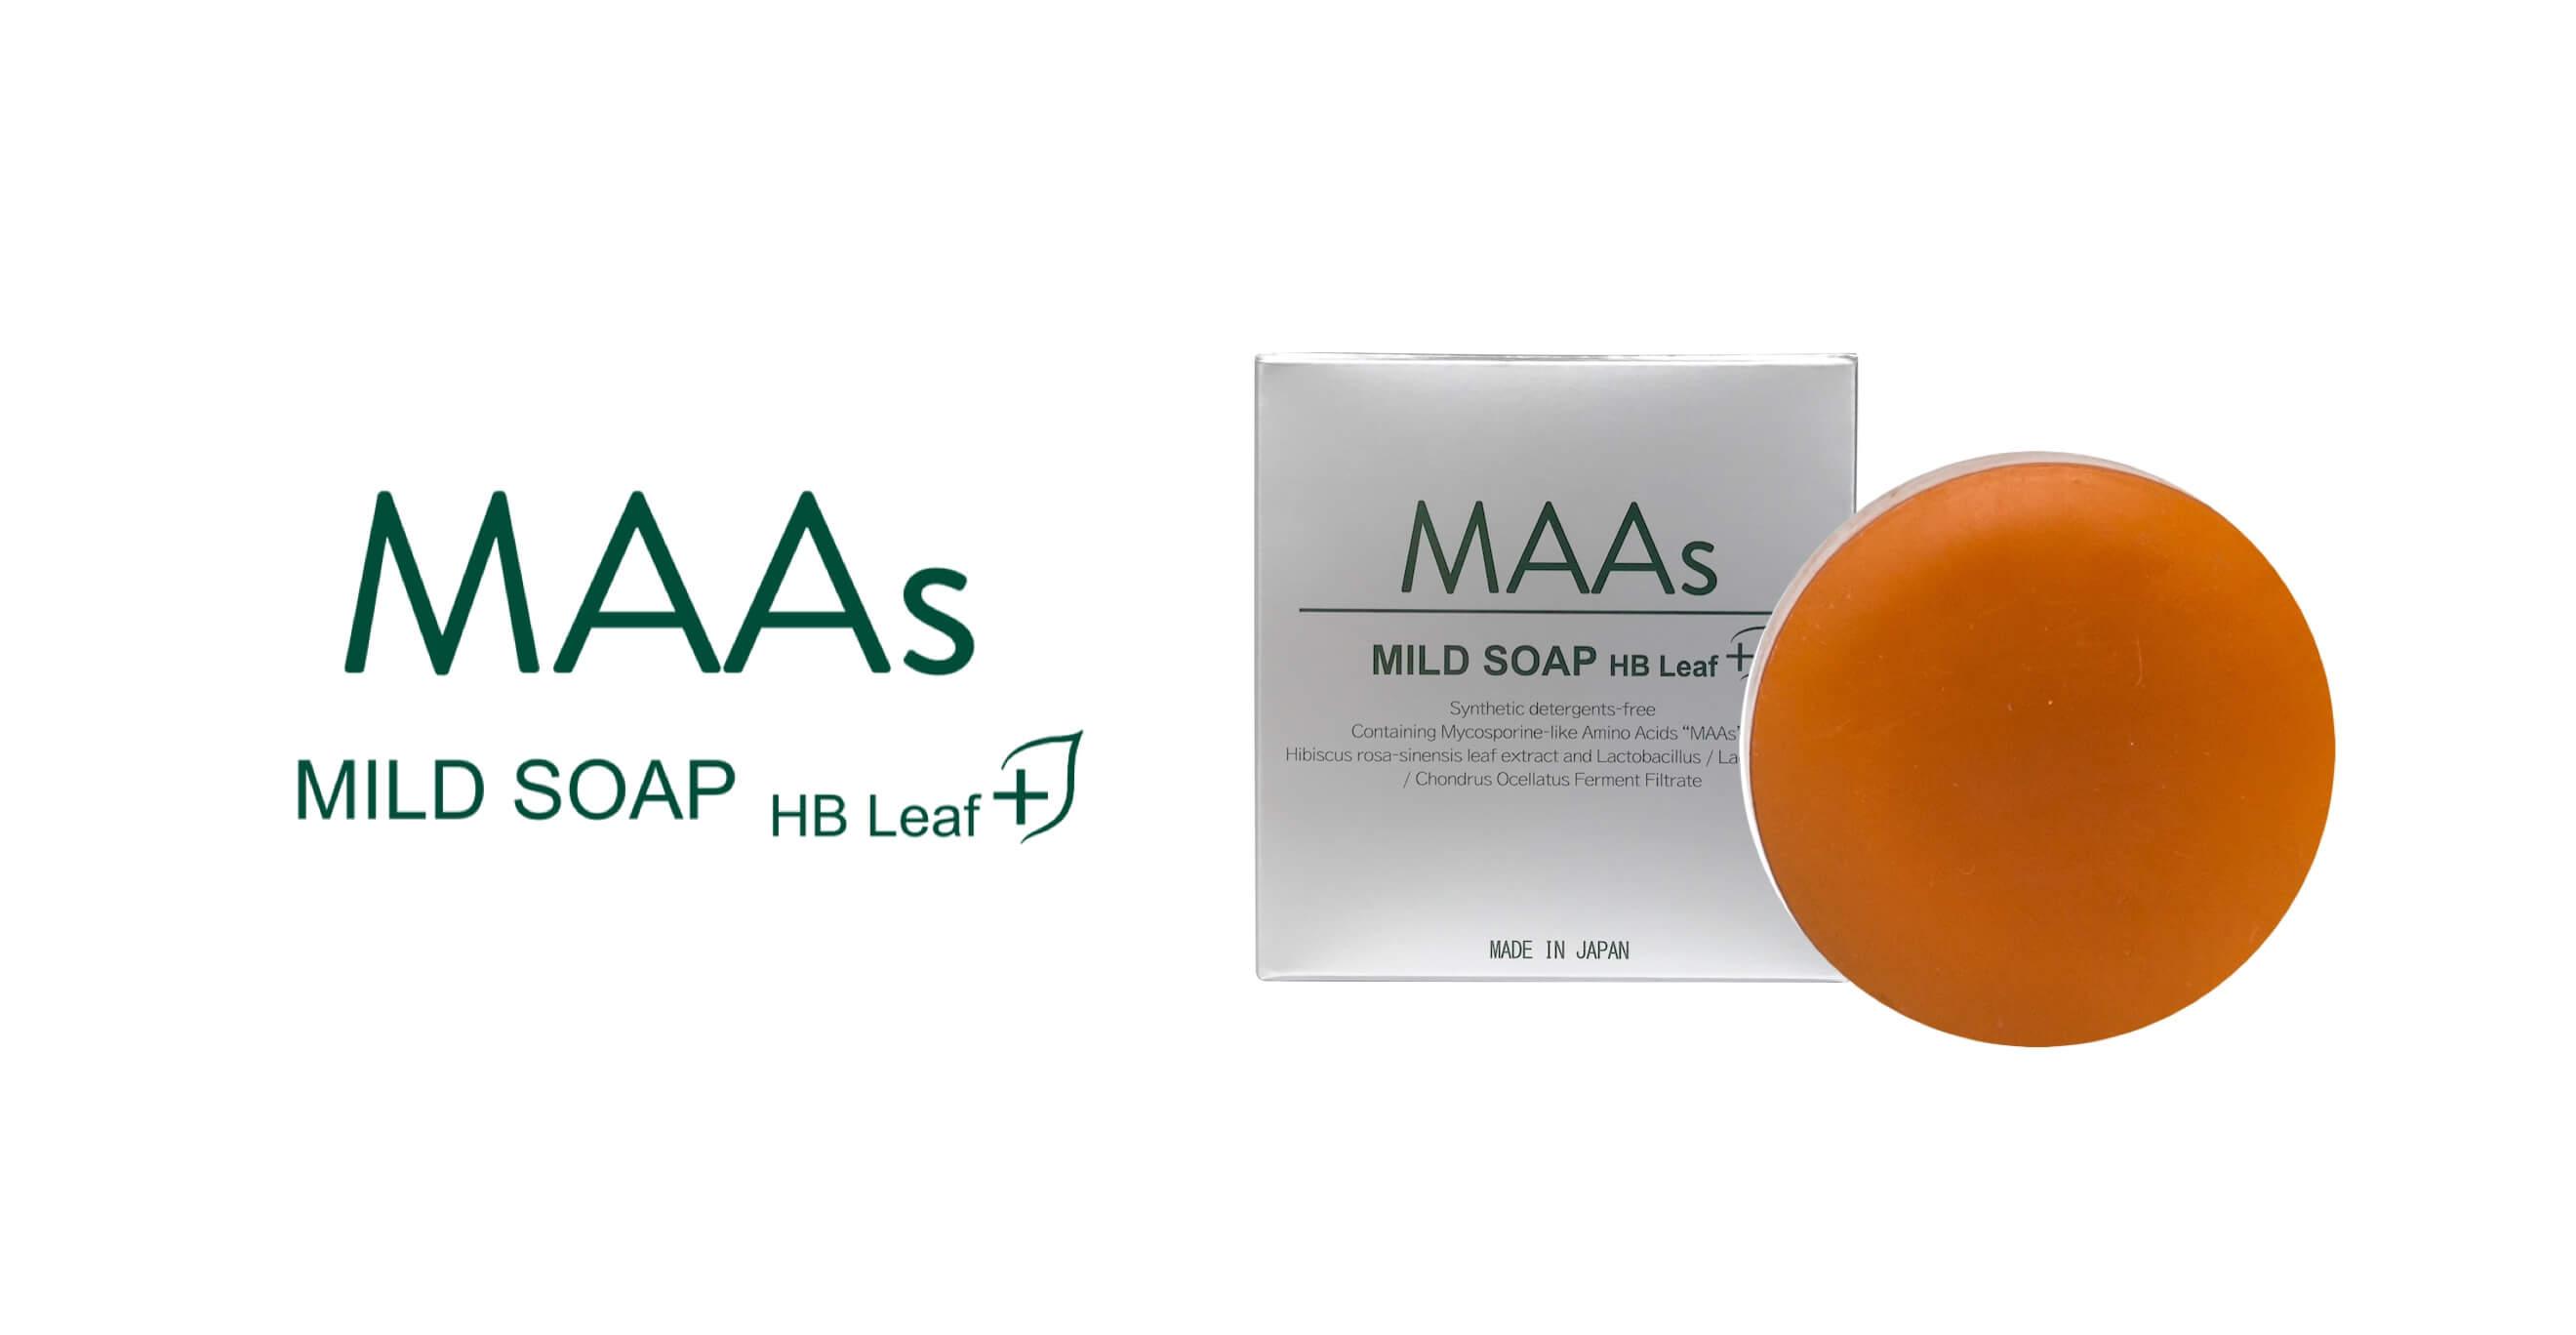 MAAs MILD SOAP HB Leaf+ (マース マイルドソープ HBリーフプラス)